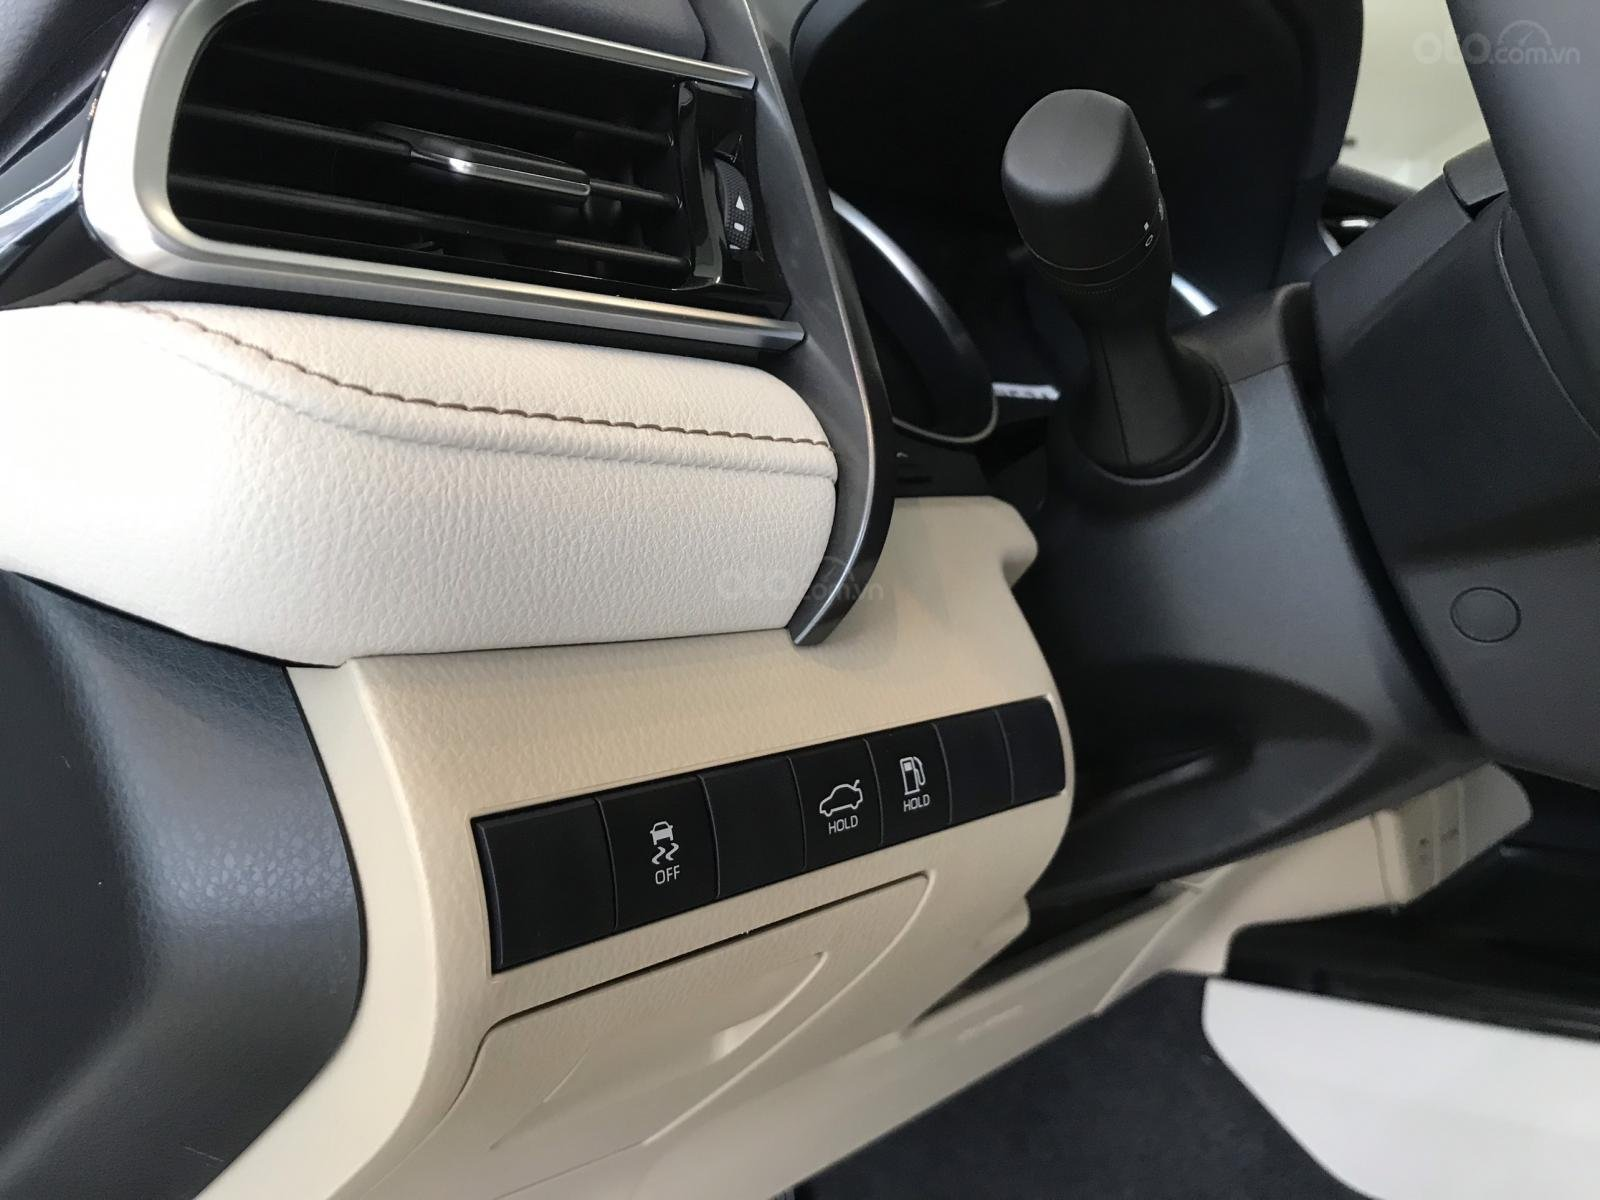 Bán xe Toyota Camry 2020 mới giá tốt khuyến mãi lớn miền Bắc, xe giao ngay hỗ trợ trả góp lãi suất thấp (5)